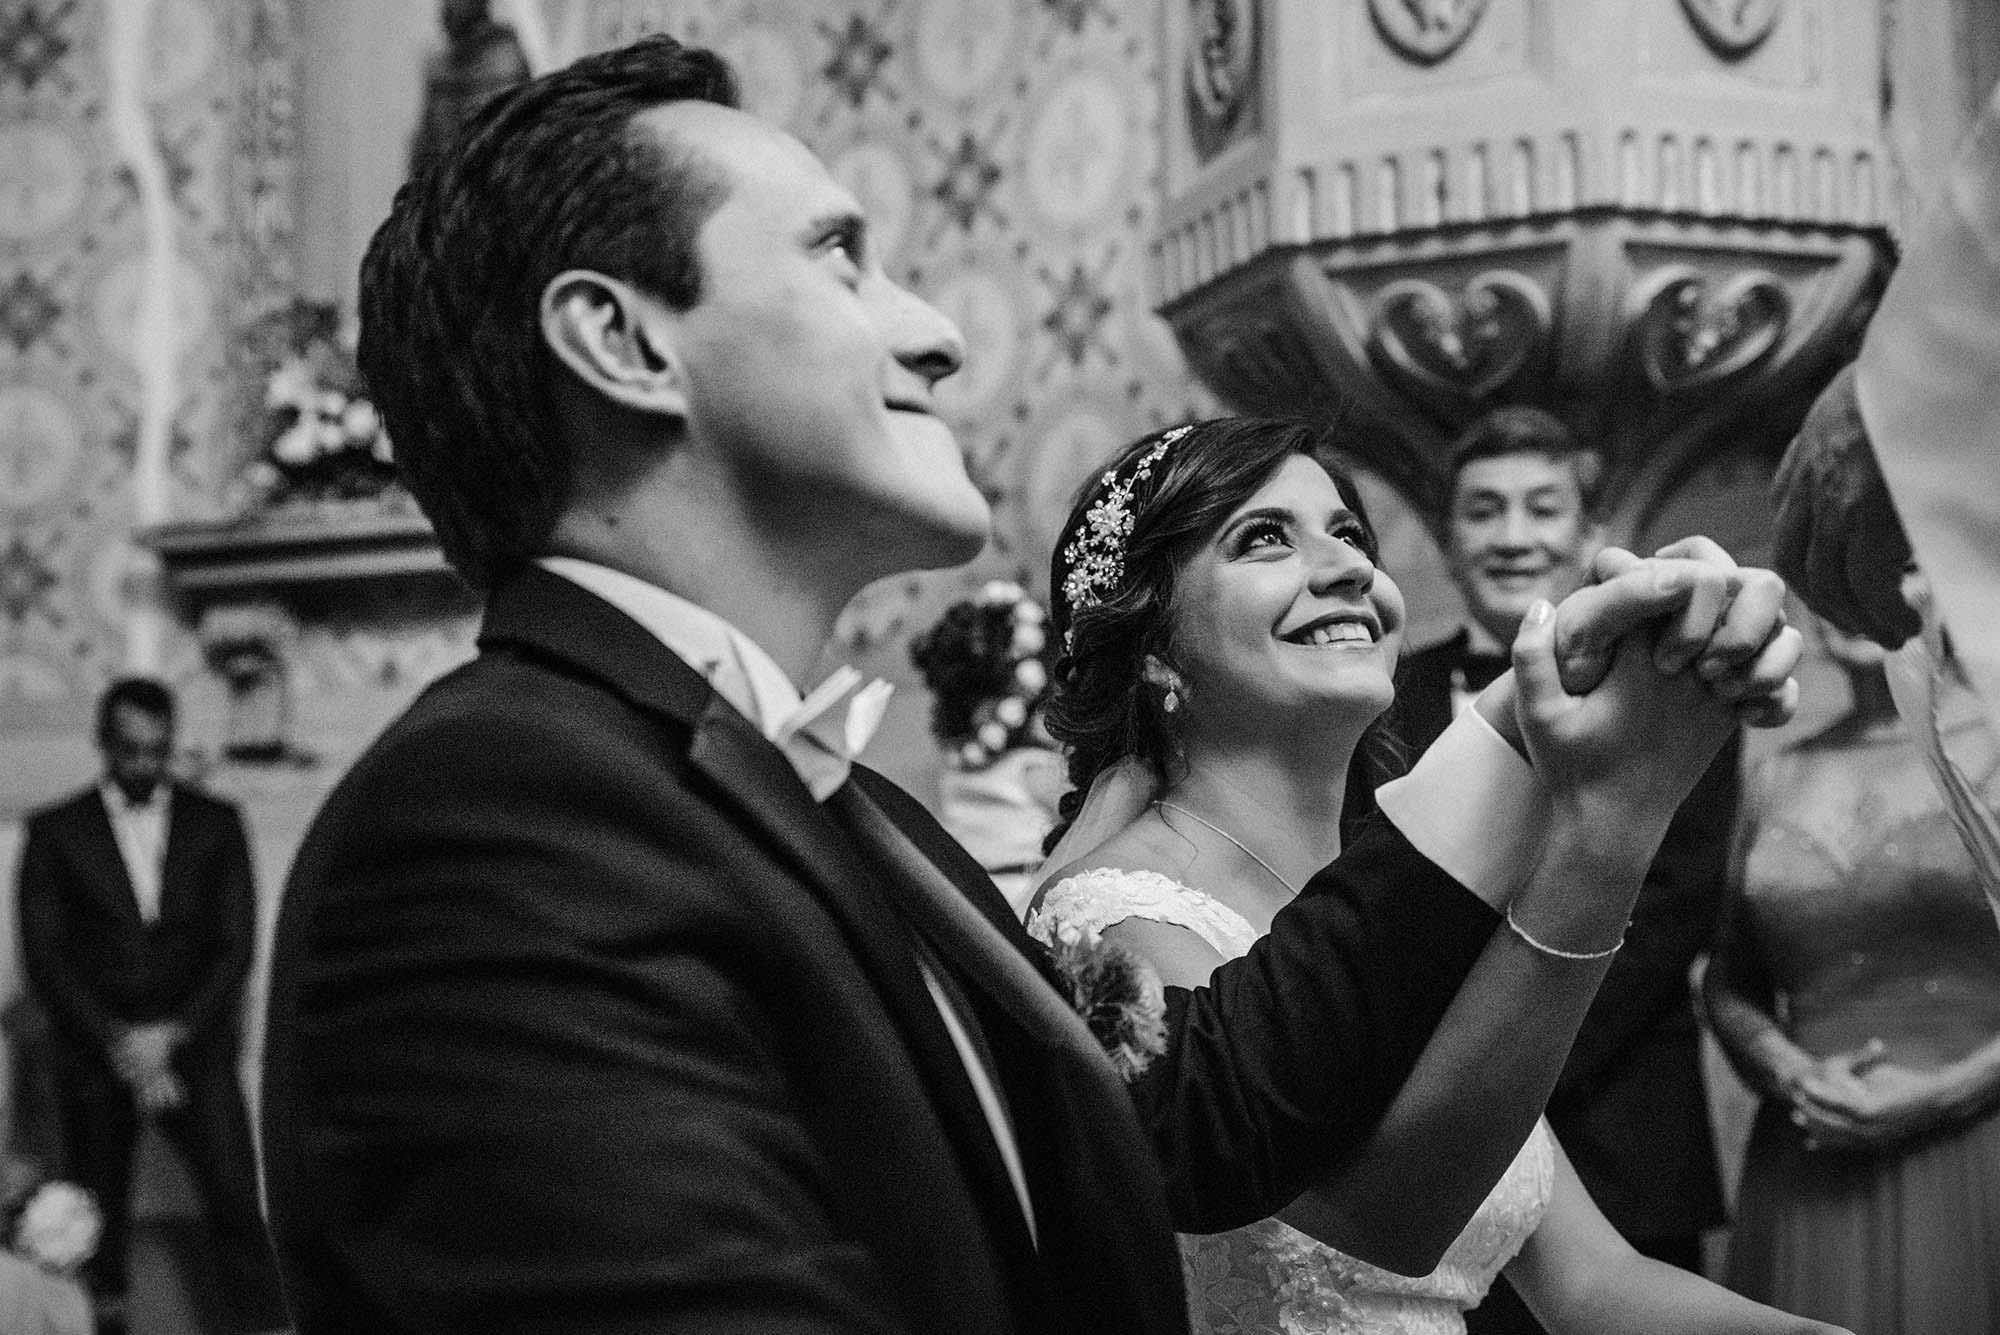 Boda Queretaro hacienda wedding planner magali espinosa fotografo 26-WEB.jpg